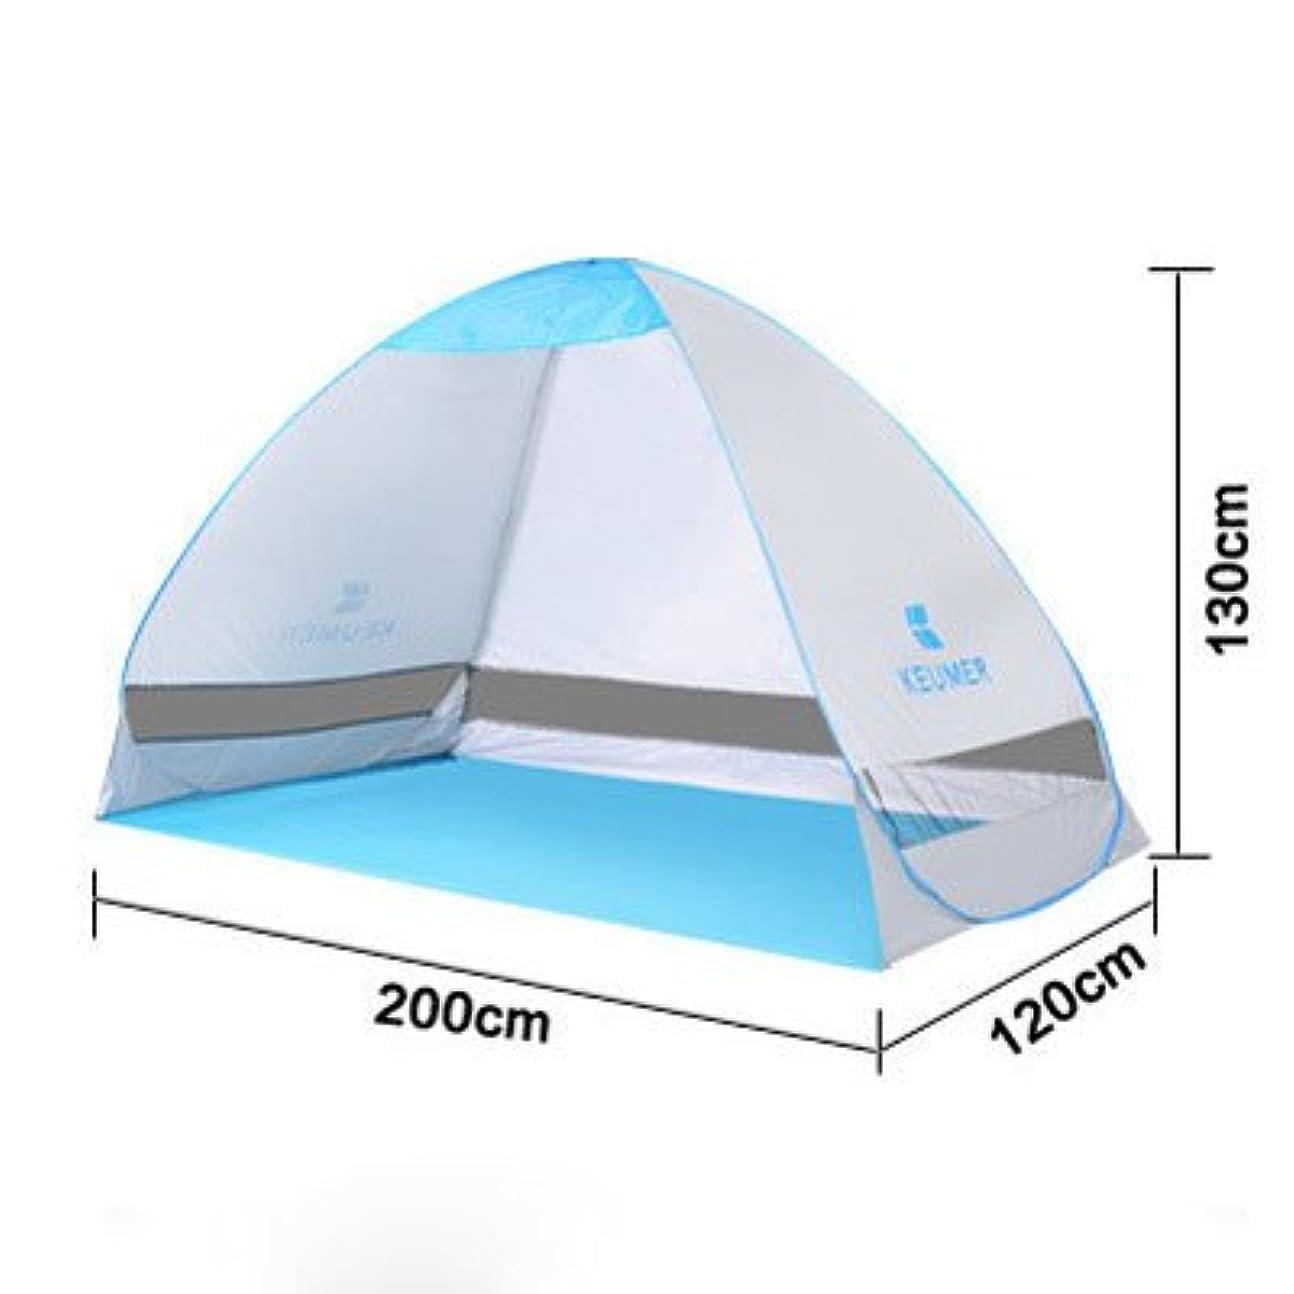 多年生確かめるボランティアOkiiting 2-3人家族のビーチキャンプテントUPF50 +日焼け止め210Dオックスフォード布大安定性強い換気 うまく設計された (Color : ホワイト)